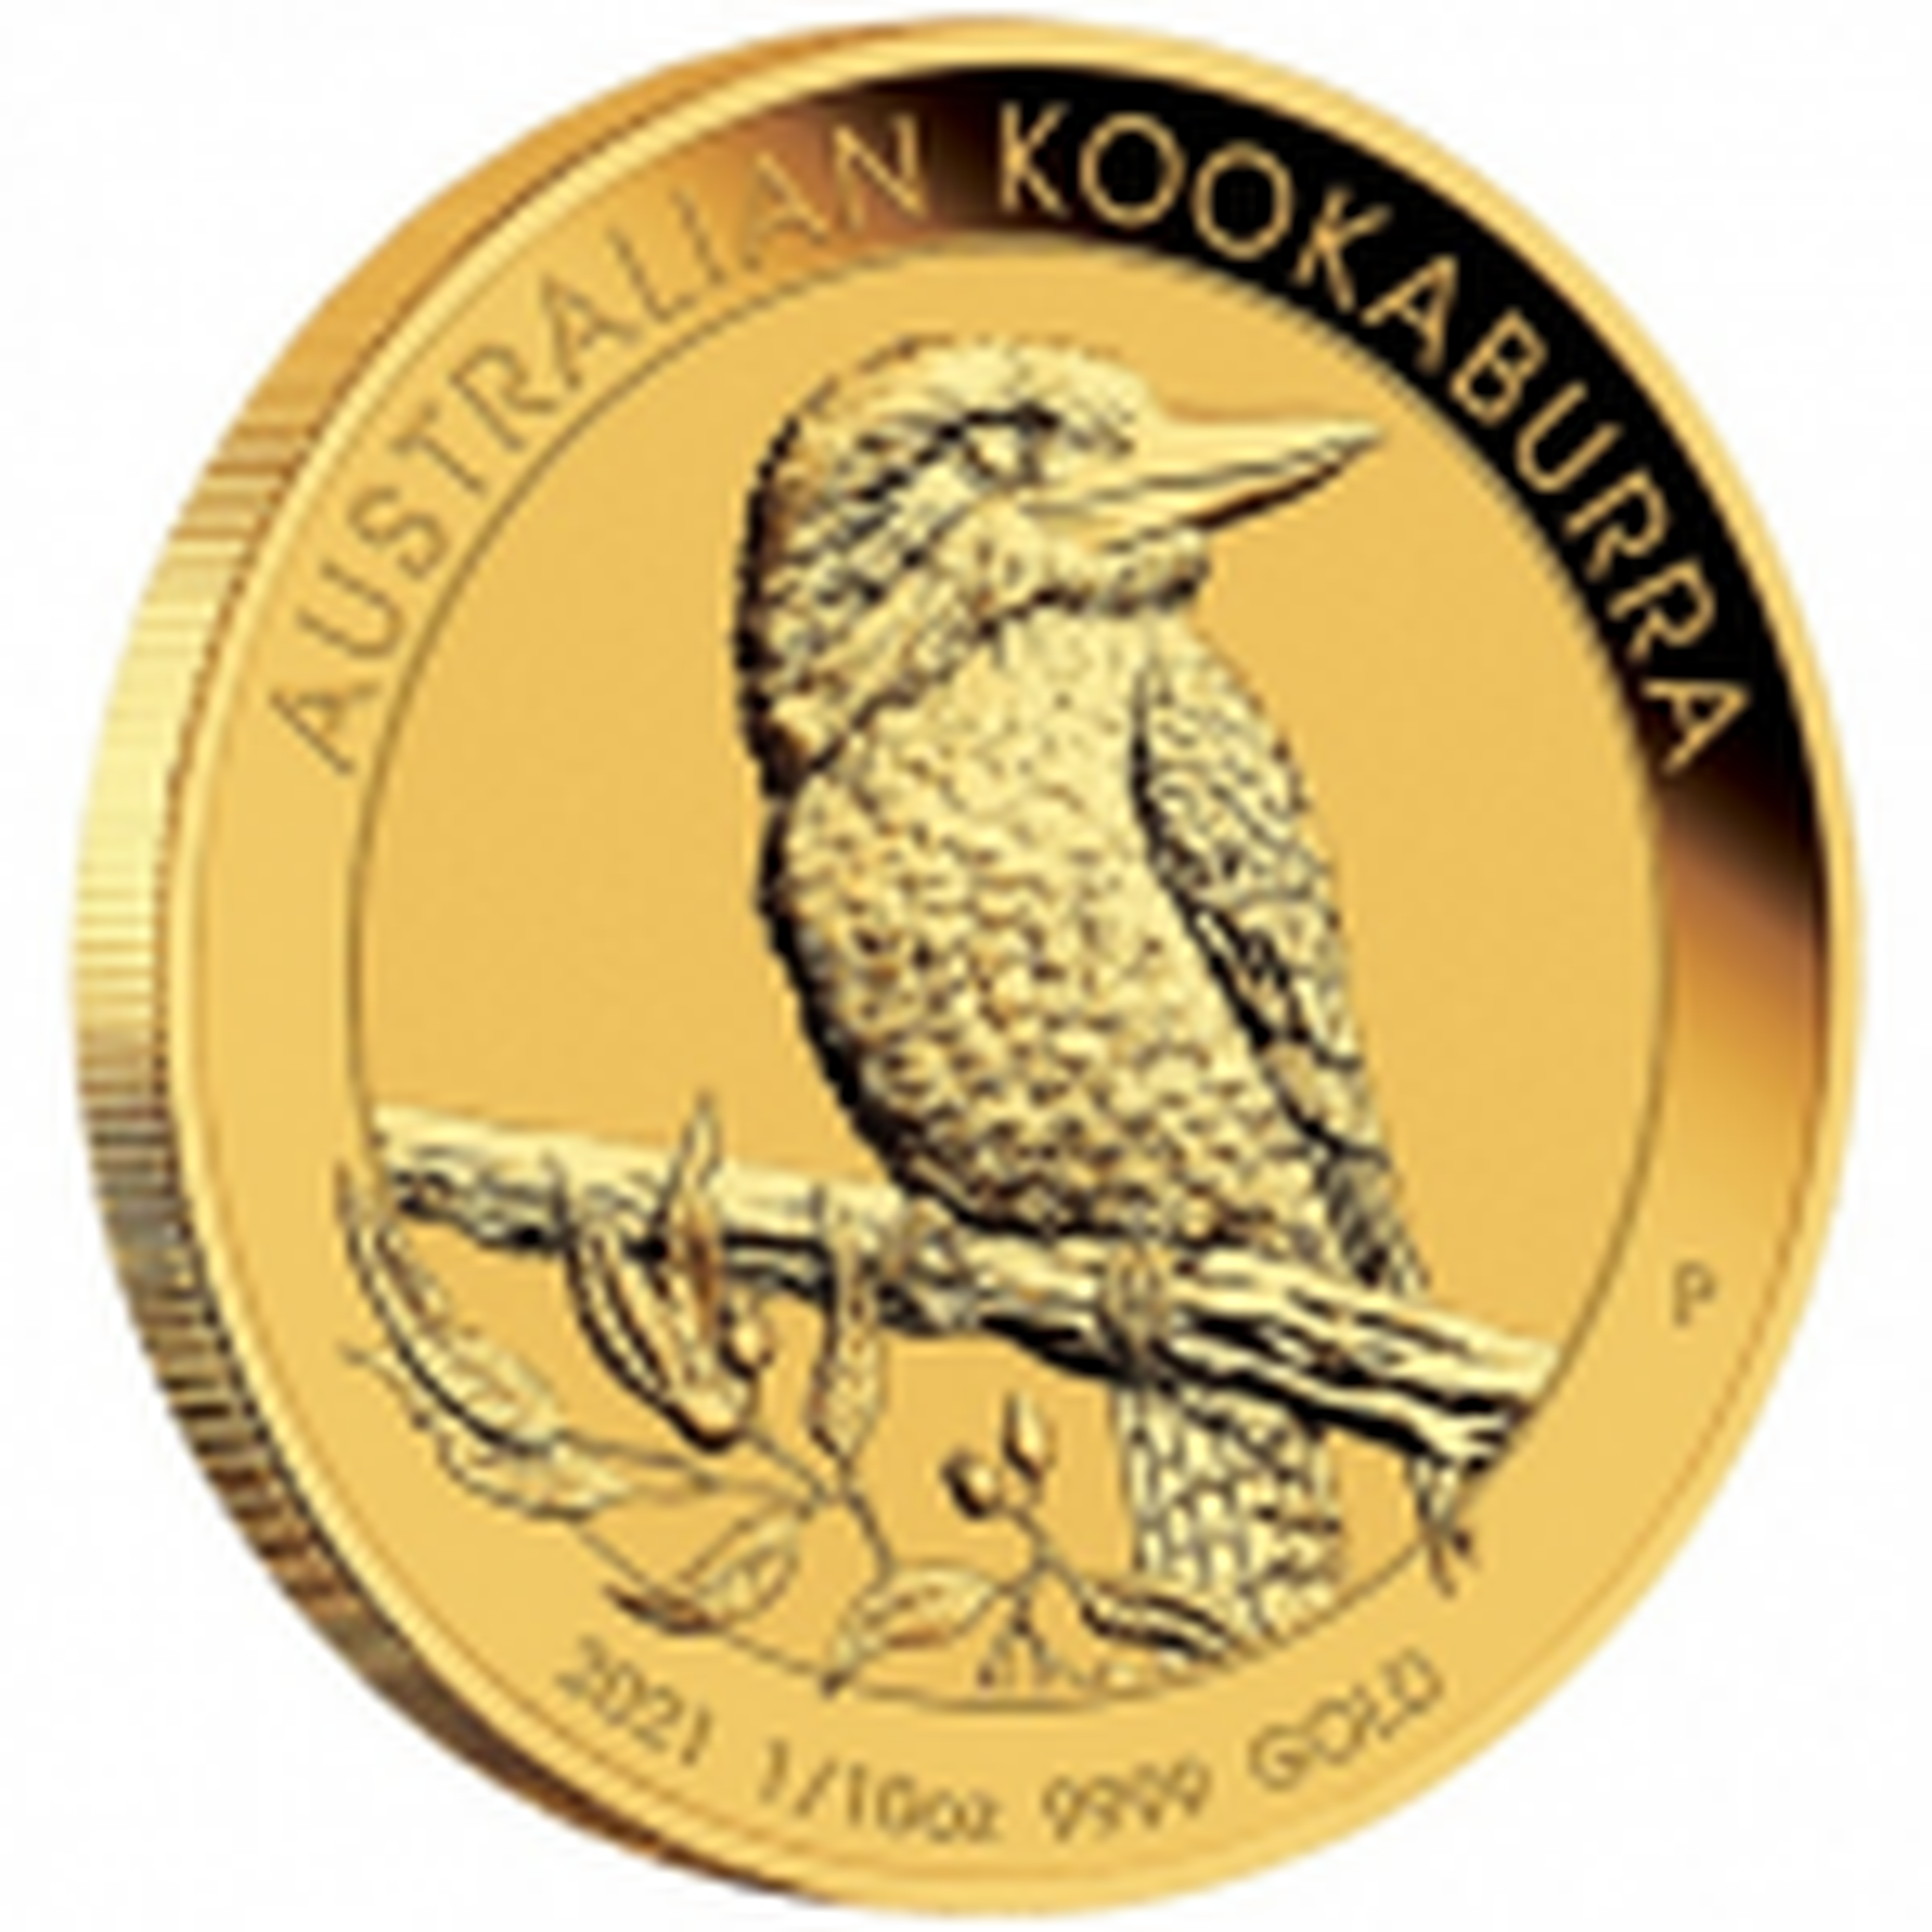 1/10 troy ounce gold coin kookaburra 2021